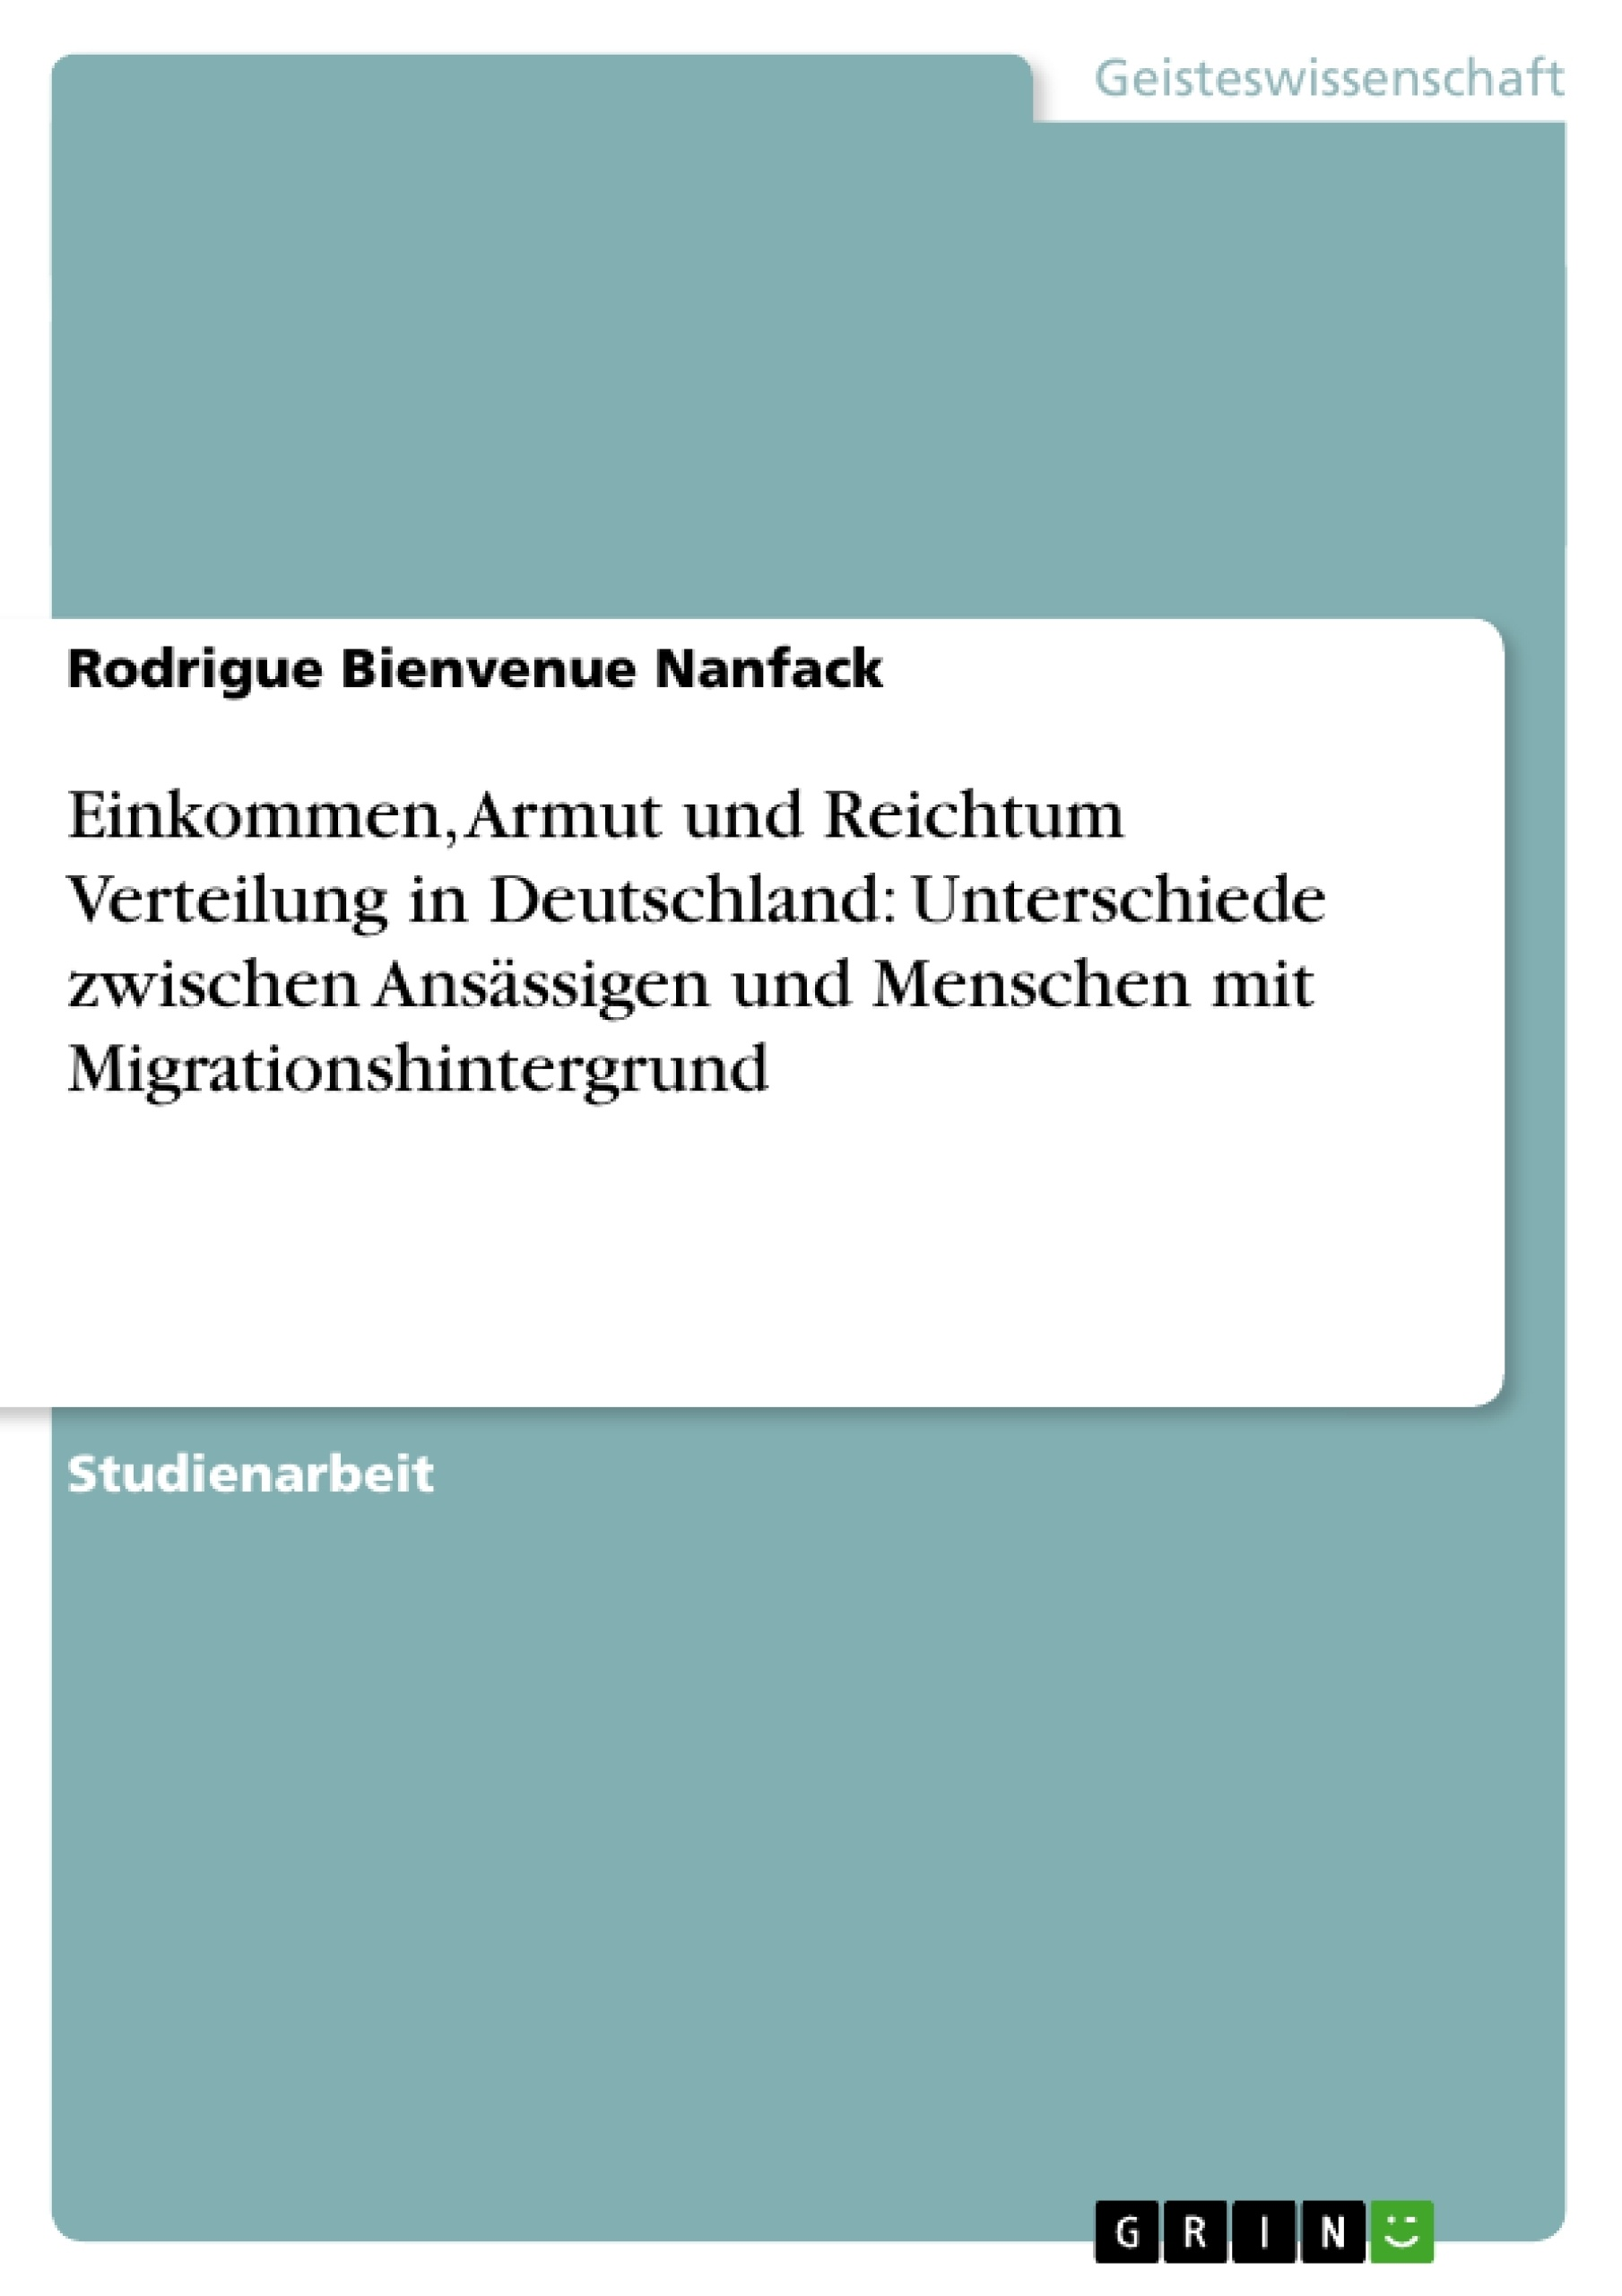 Titel: Einkommen, Armut und Reichtum Verteilung in Deutschland: Unterschiede zwischen Ansässigen und Menschen mit Migrationshintergrund